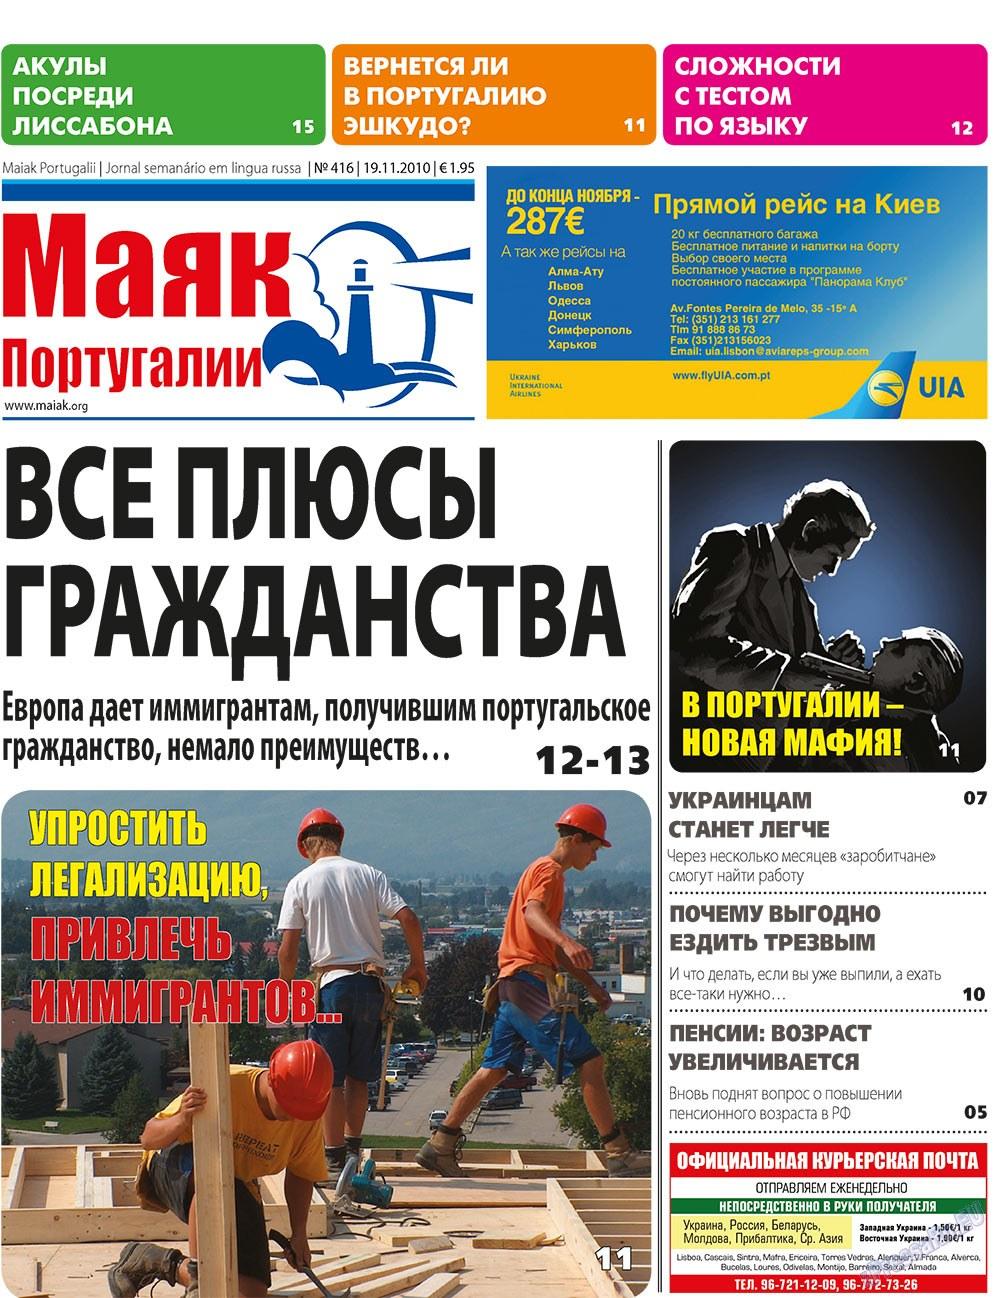 Маяк Португалии (газета). 2010 год, номер 416, стр. 1